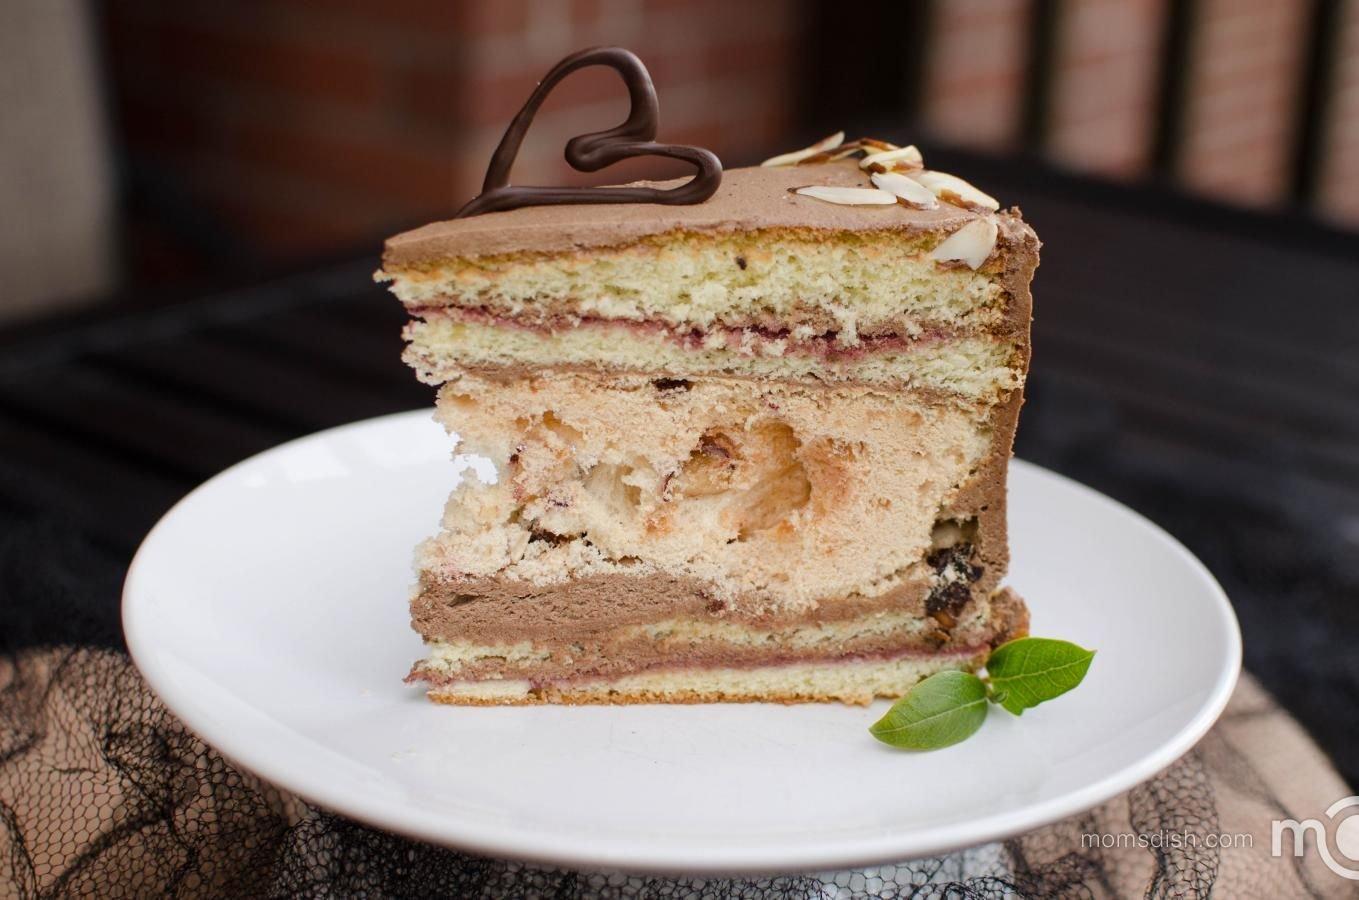 адвокат, торт киевский по госту рецепт с фото шкурок